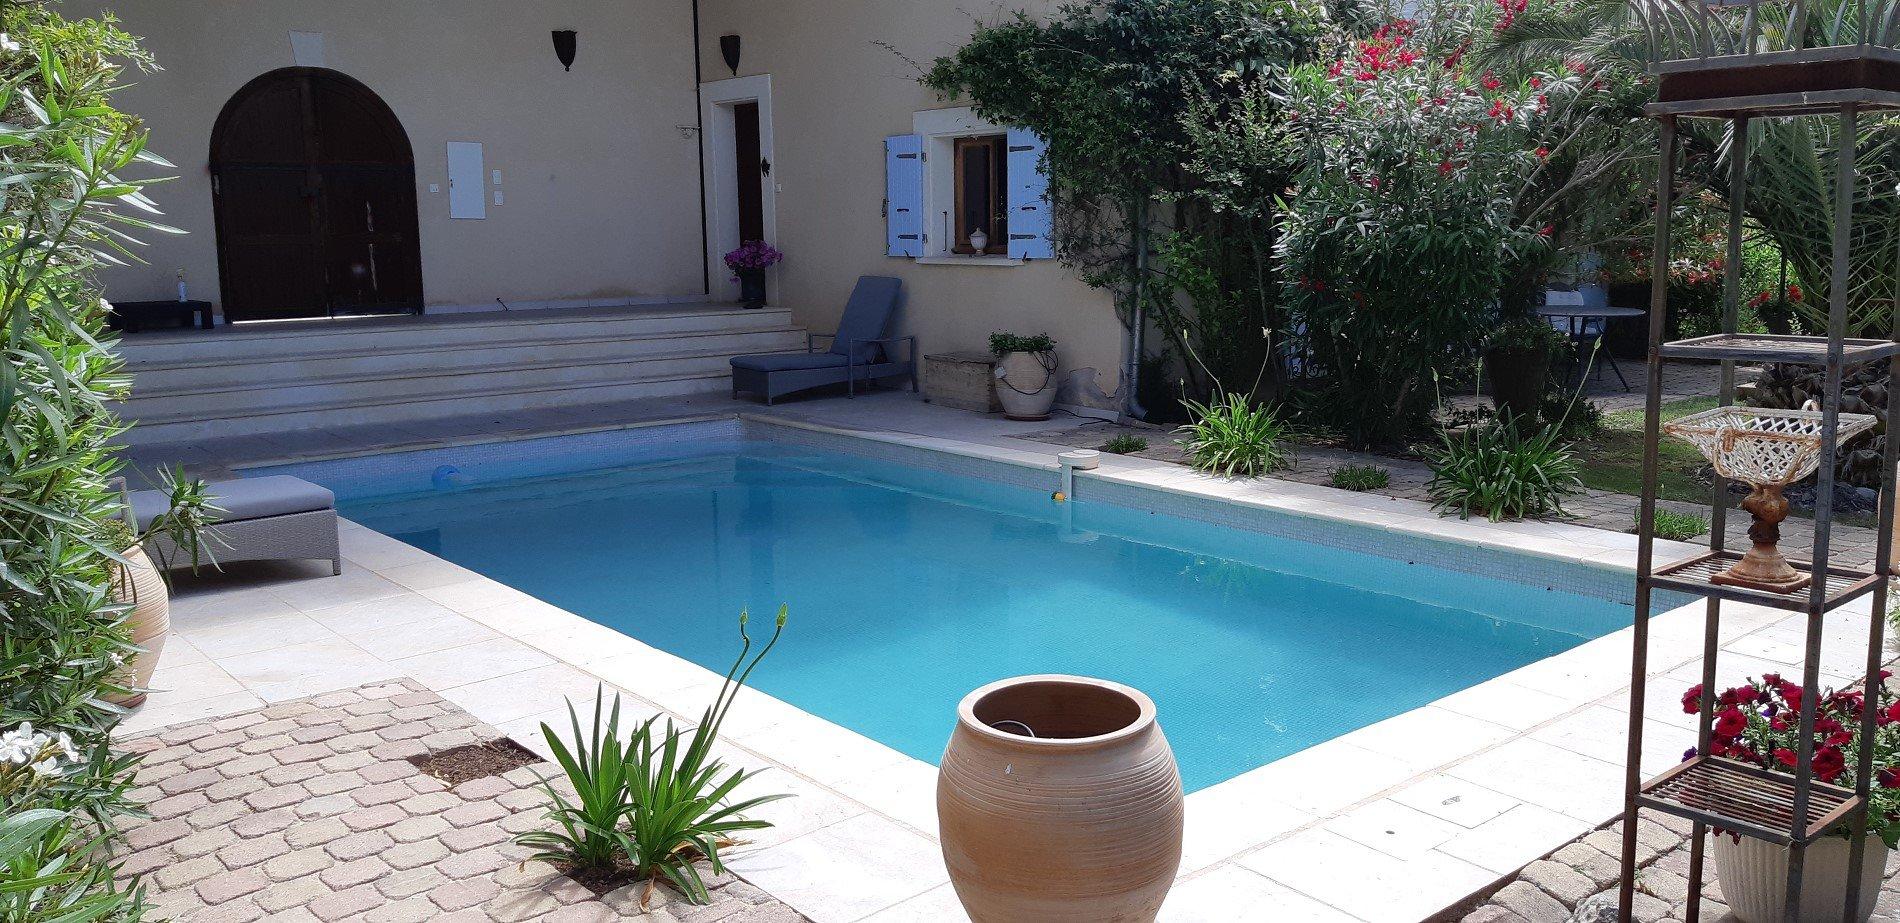 Tvâ fantastiska hus med pool